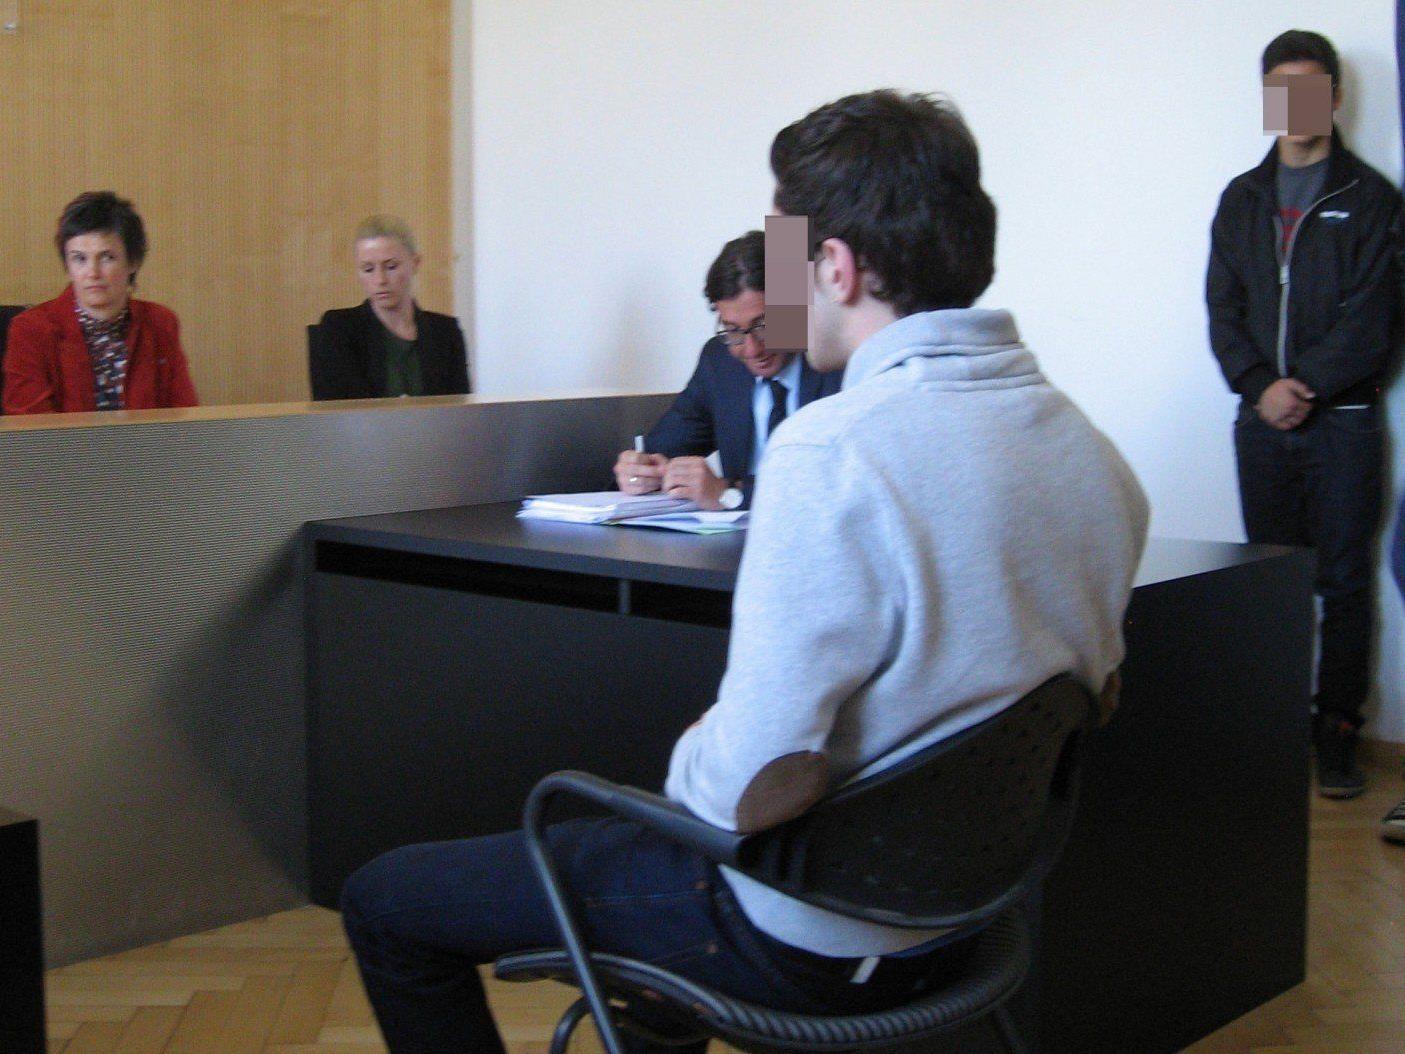 Lustenauer Eni-Tankstelle im März 2013 zwei Mal überfallen - Unbedingte Haft für 16-Jährigen.